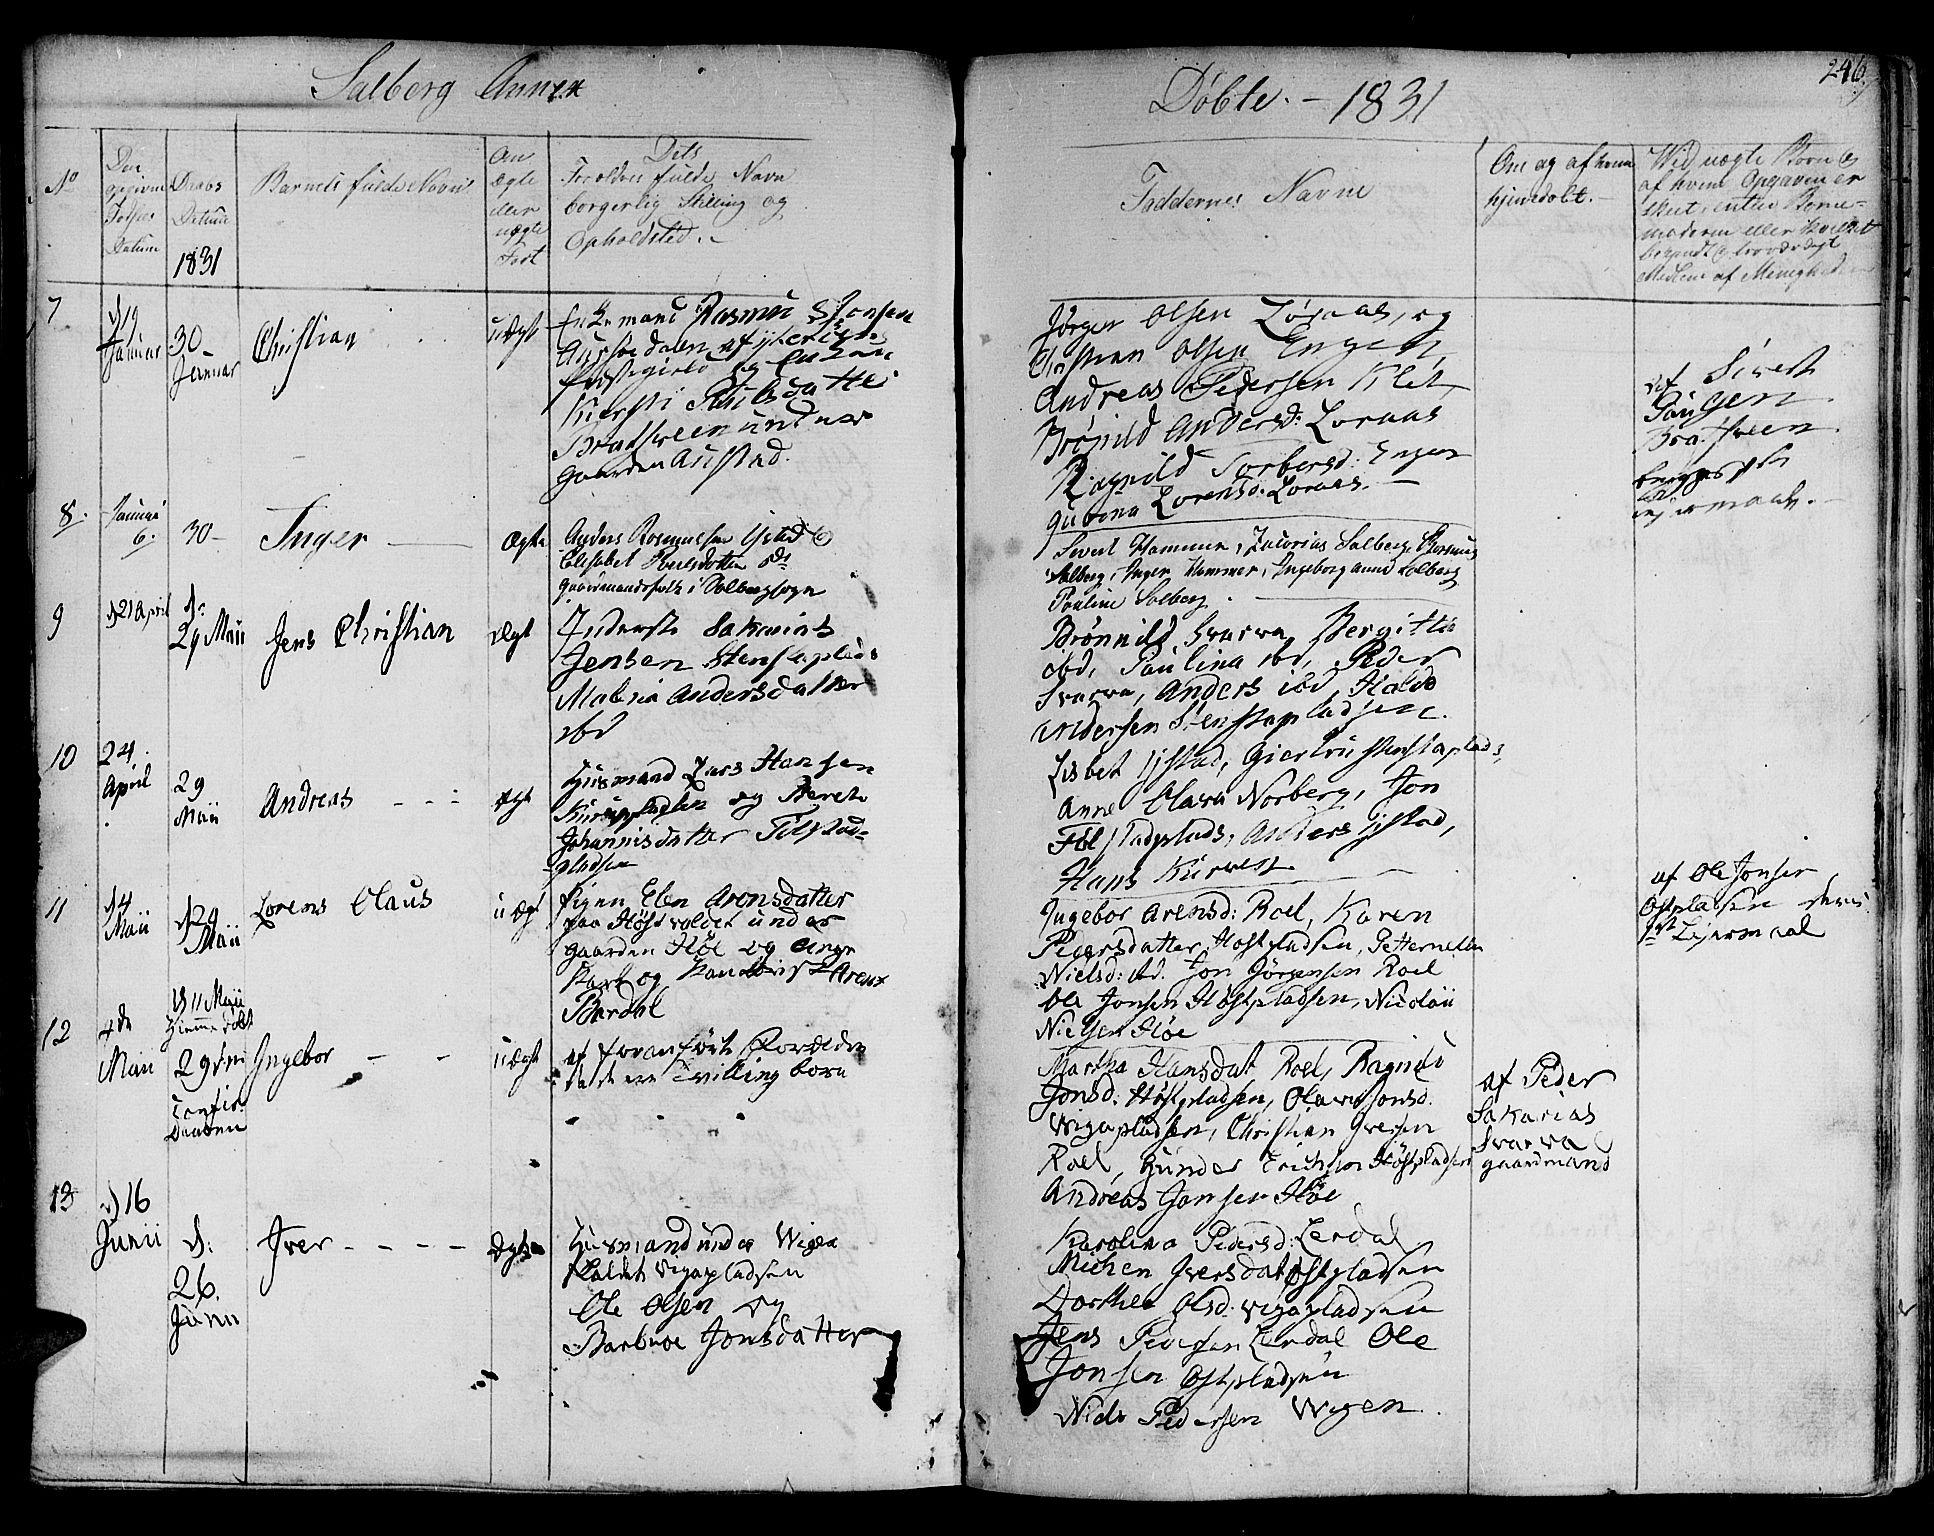 SAT, Ministerialprotokoller, klokkerbøker og fødselsregistre - Nord-Trøndelag, 730/L0277: Ministerialbok nr. 730A06 /2, 1831-1839, s. 246